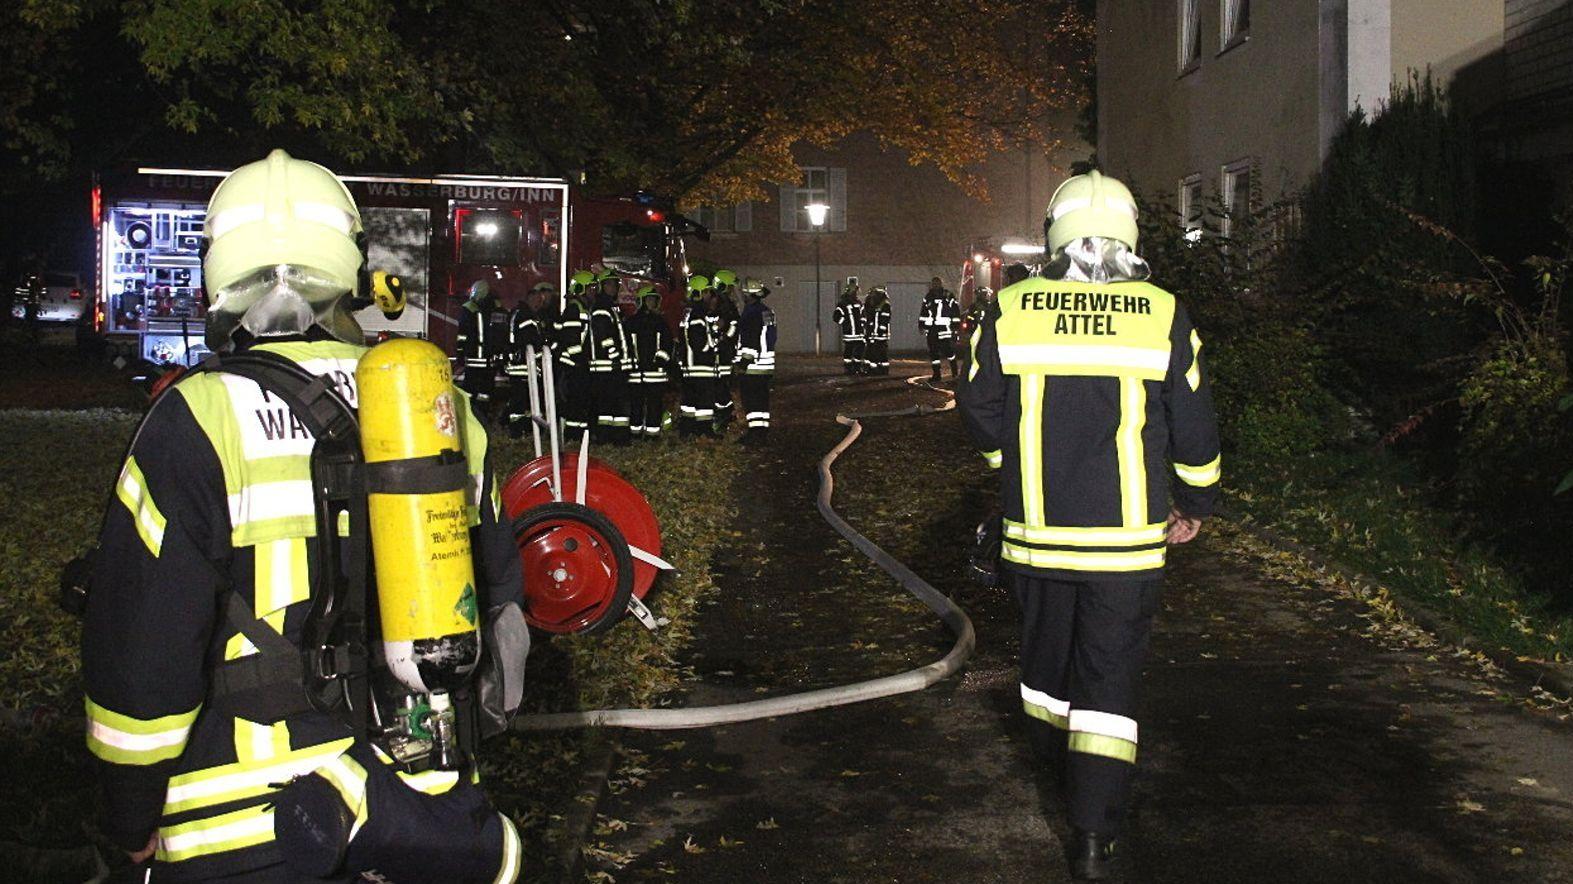 Feuerwehrleute beim Einsatz vor dem Inn-Salzach-Klinikum am 17. November.